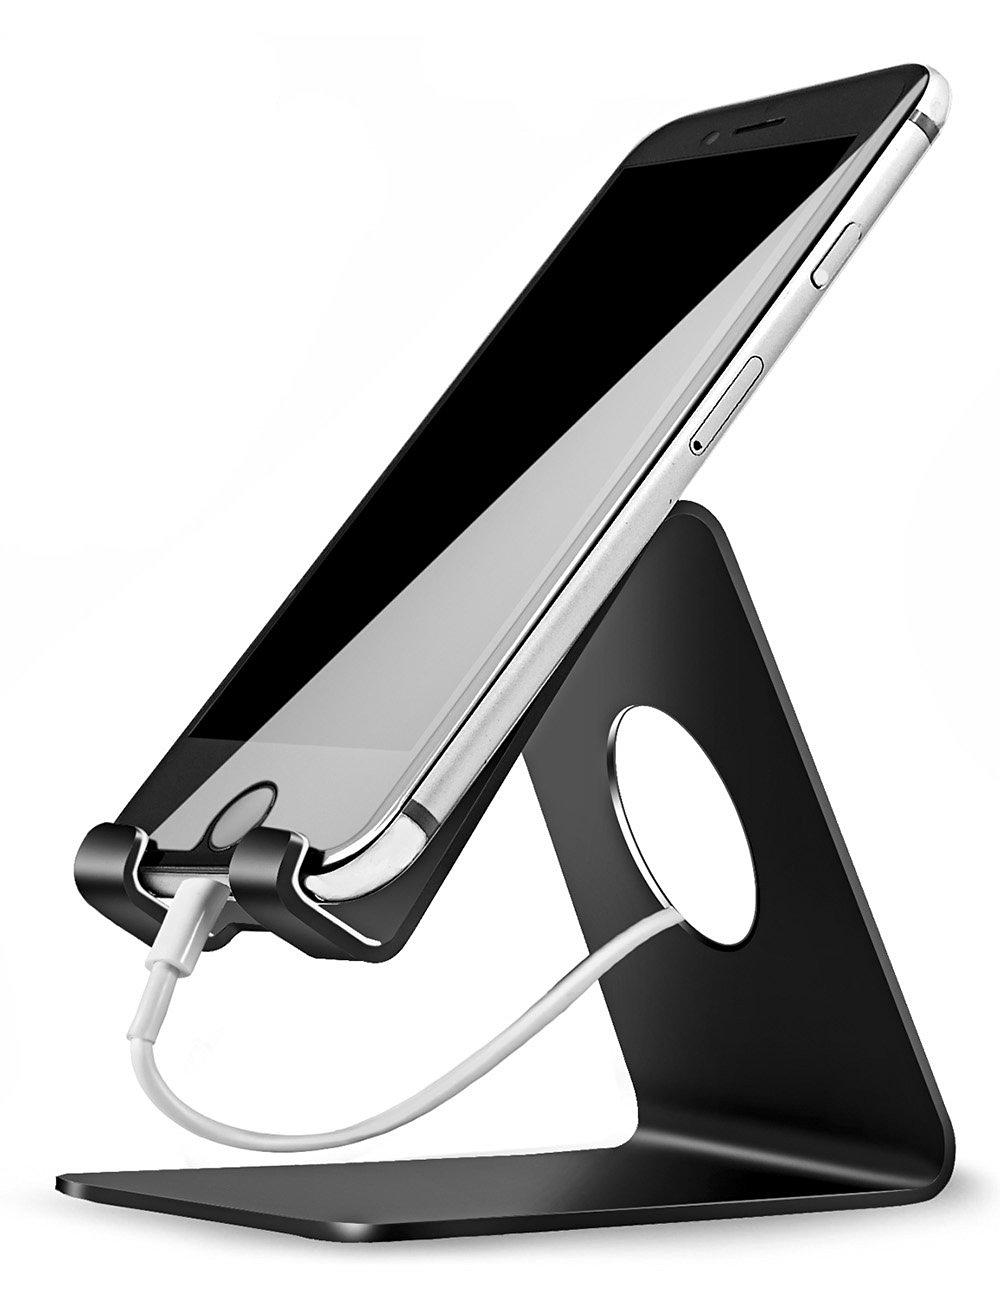 Image Result For Bogo Cell Phone Deals